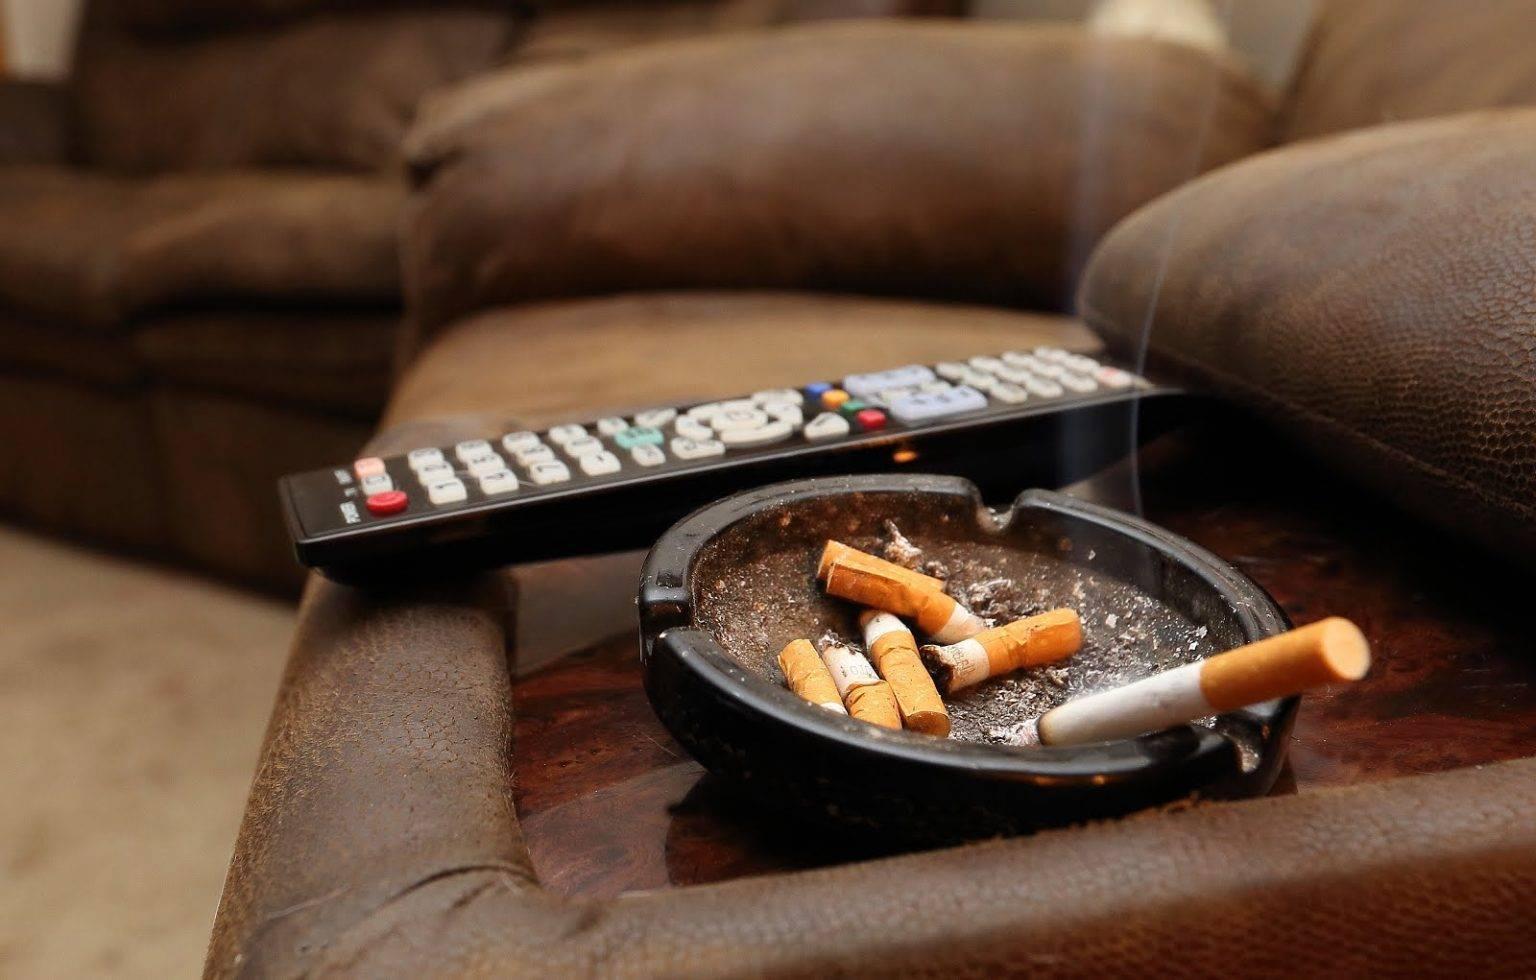 Как избавиться от табачного дыма и запаха в квартире